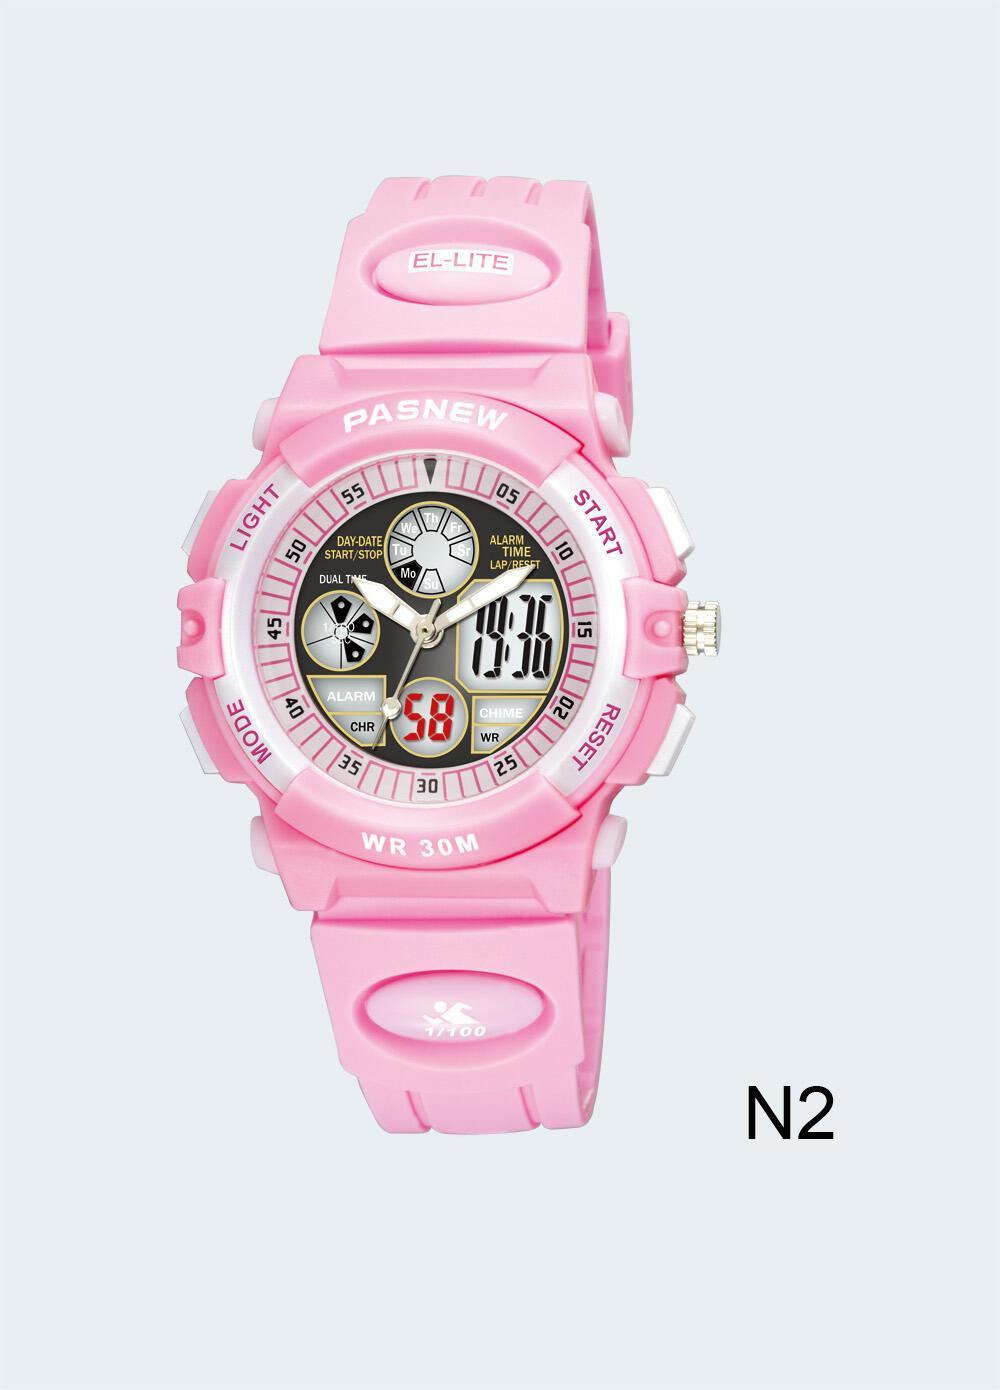 Đồng hồ thể thao thời trang nam/nữ PASNEW PSE-048G